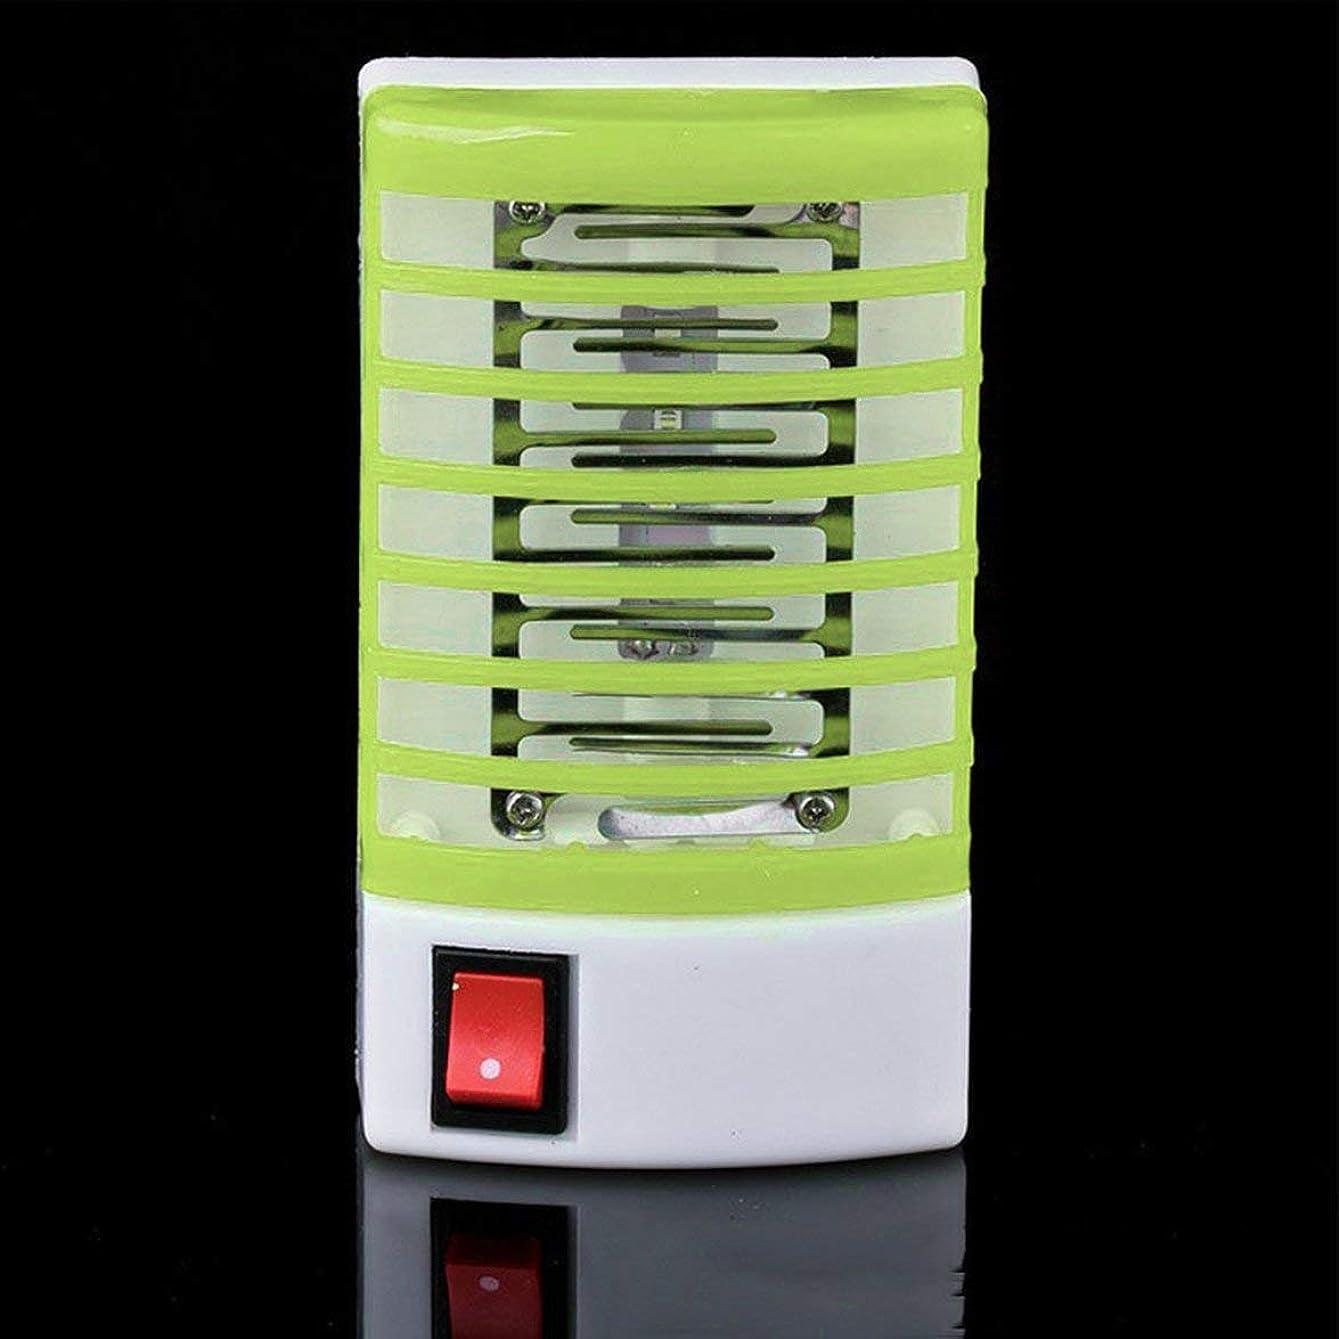 ウィンク落胆させる絡まるポータブル光触媒蚊ランプホームLED昆虫キラー電気屋内蚊ランプアンチ蚊忌避ライト - グリーン